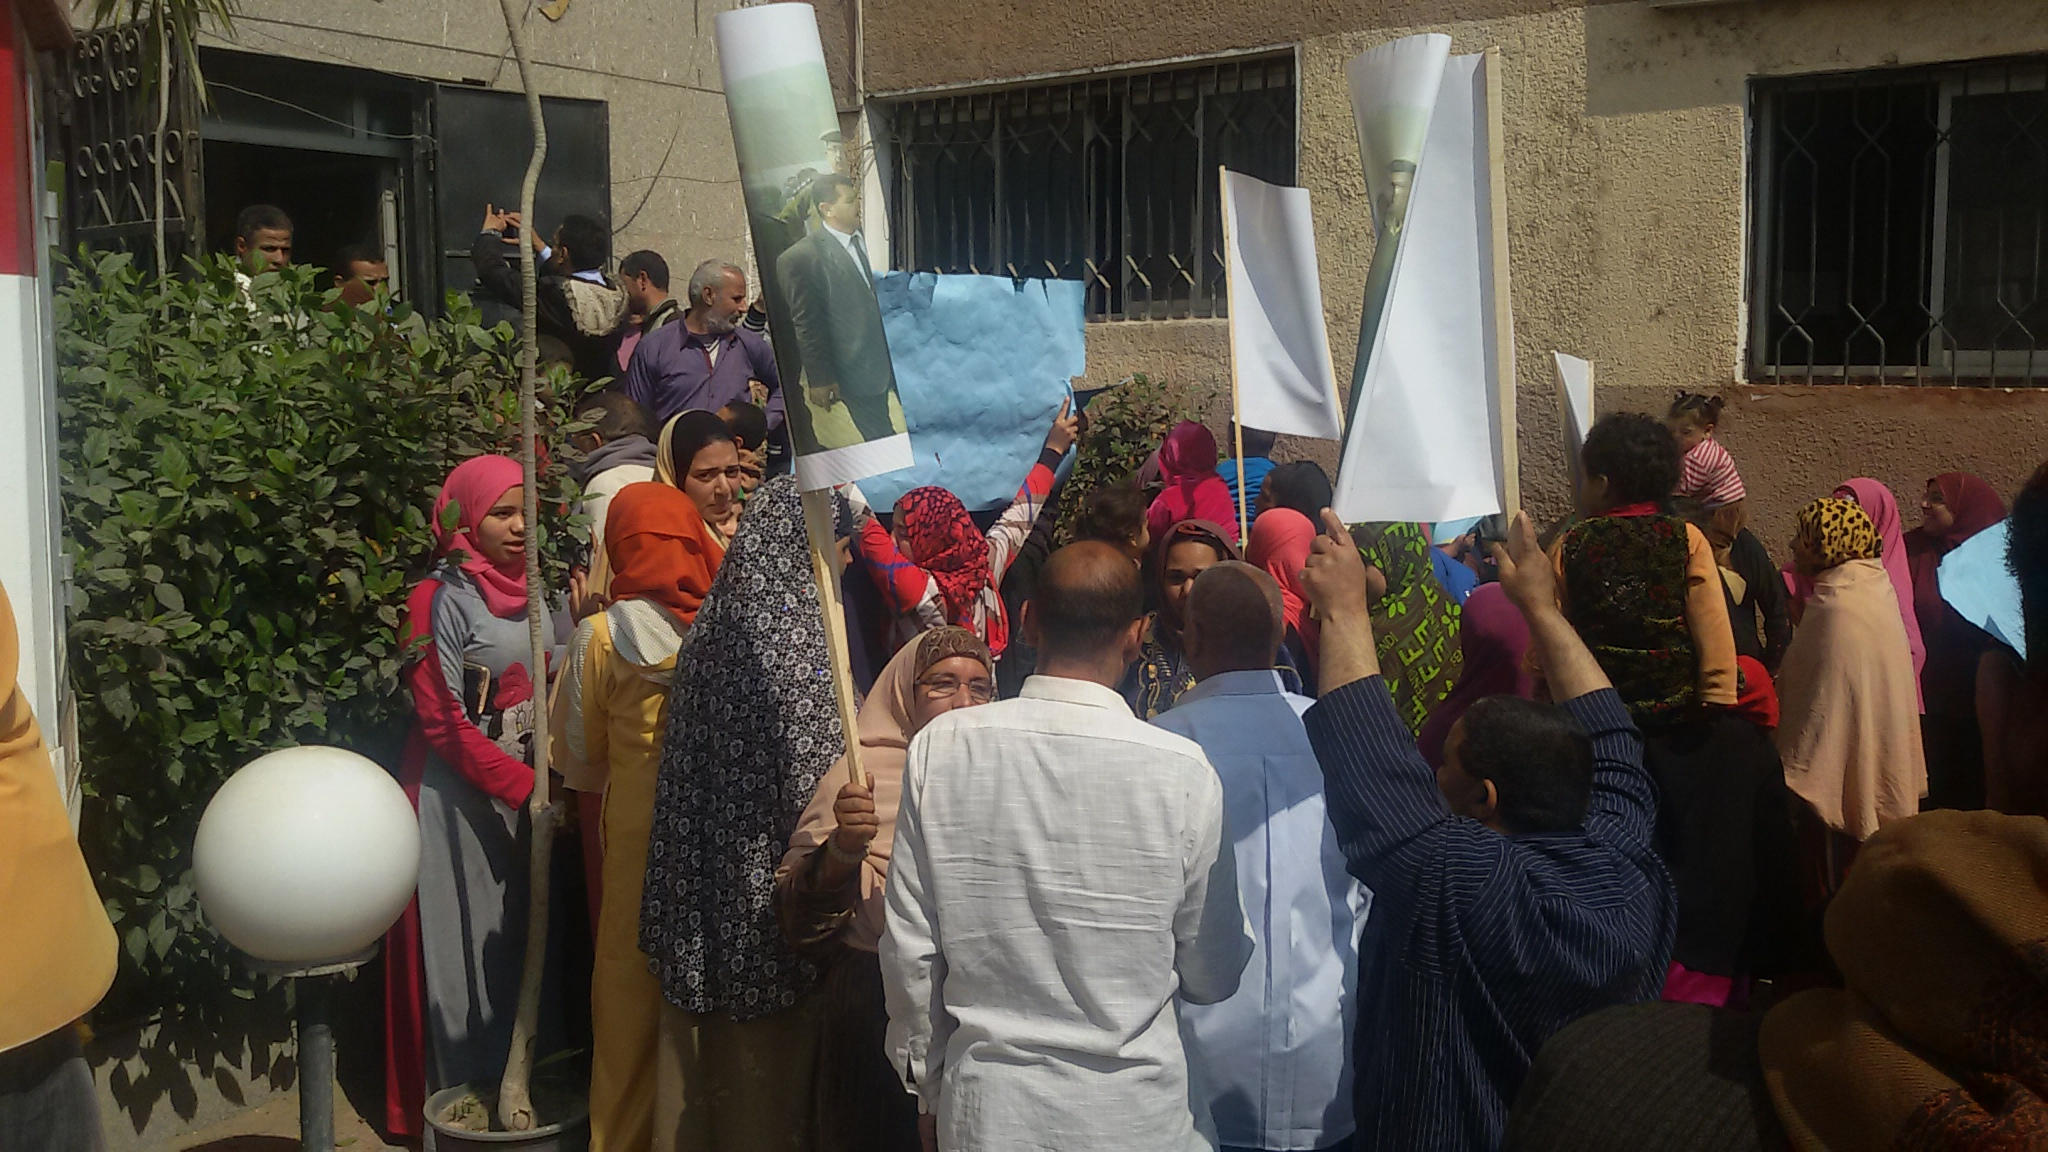 الاهالى يتظاهرون للابقاء على رئيس المدينة